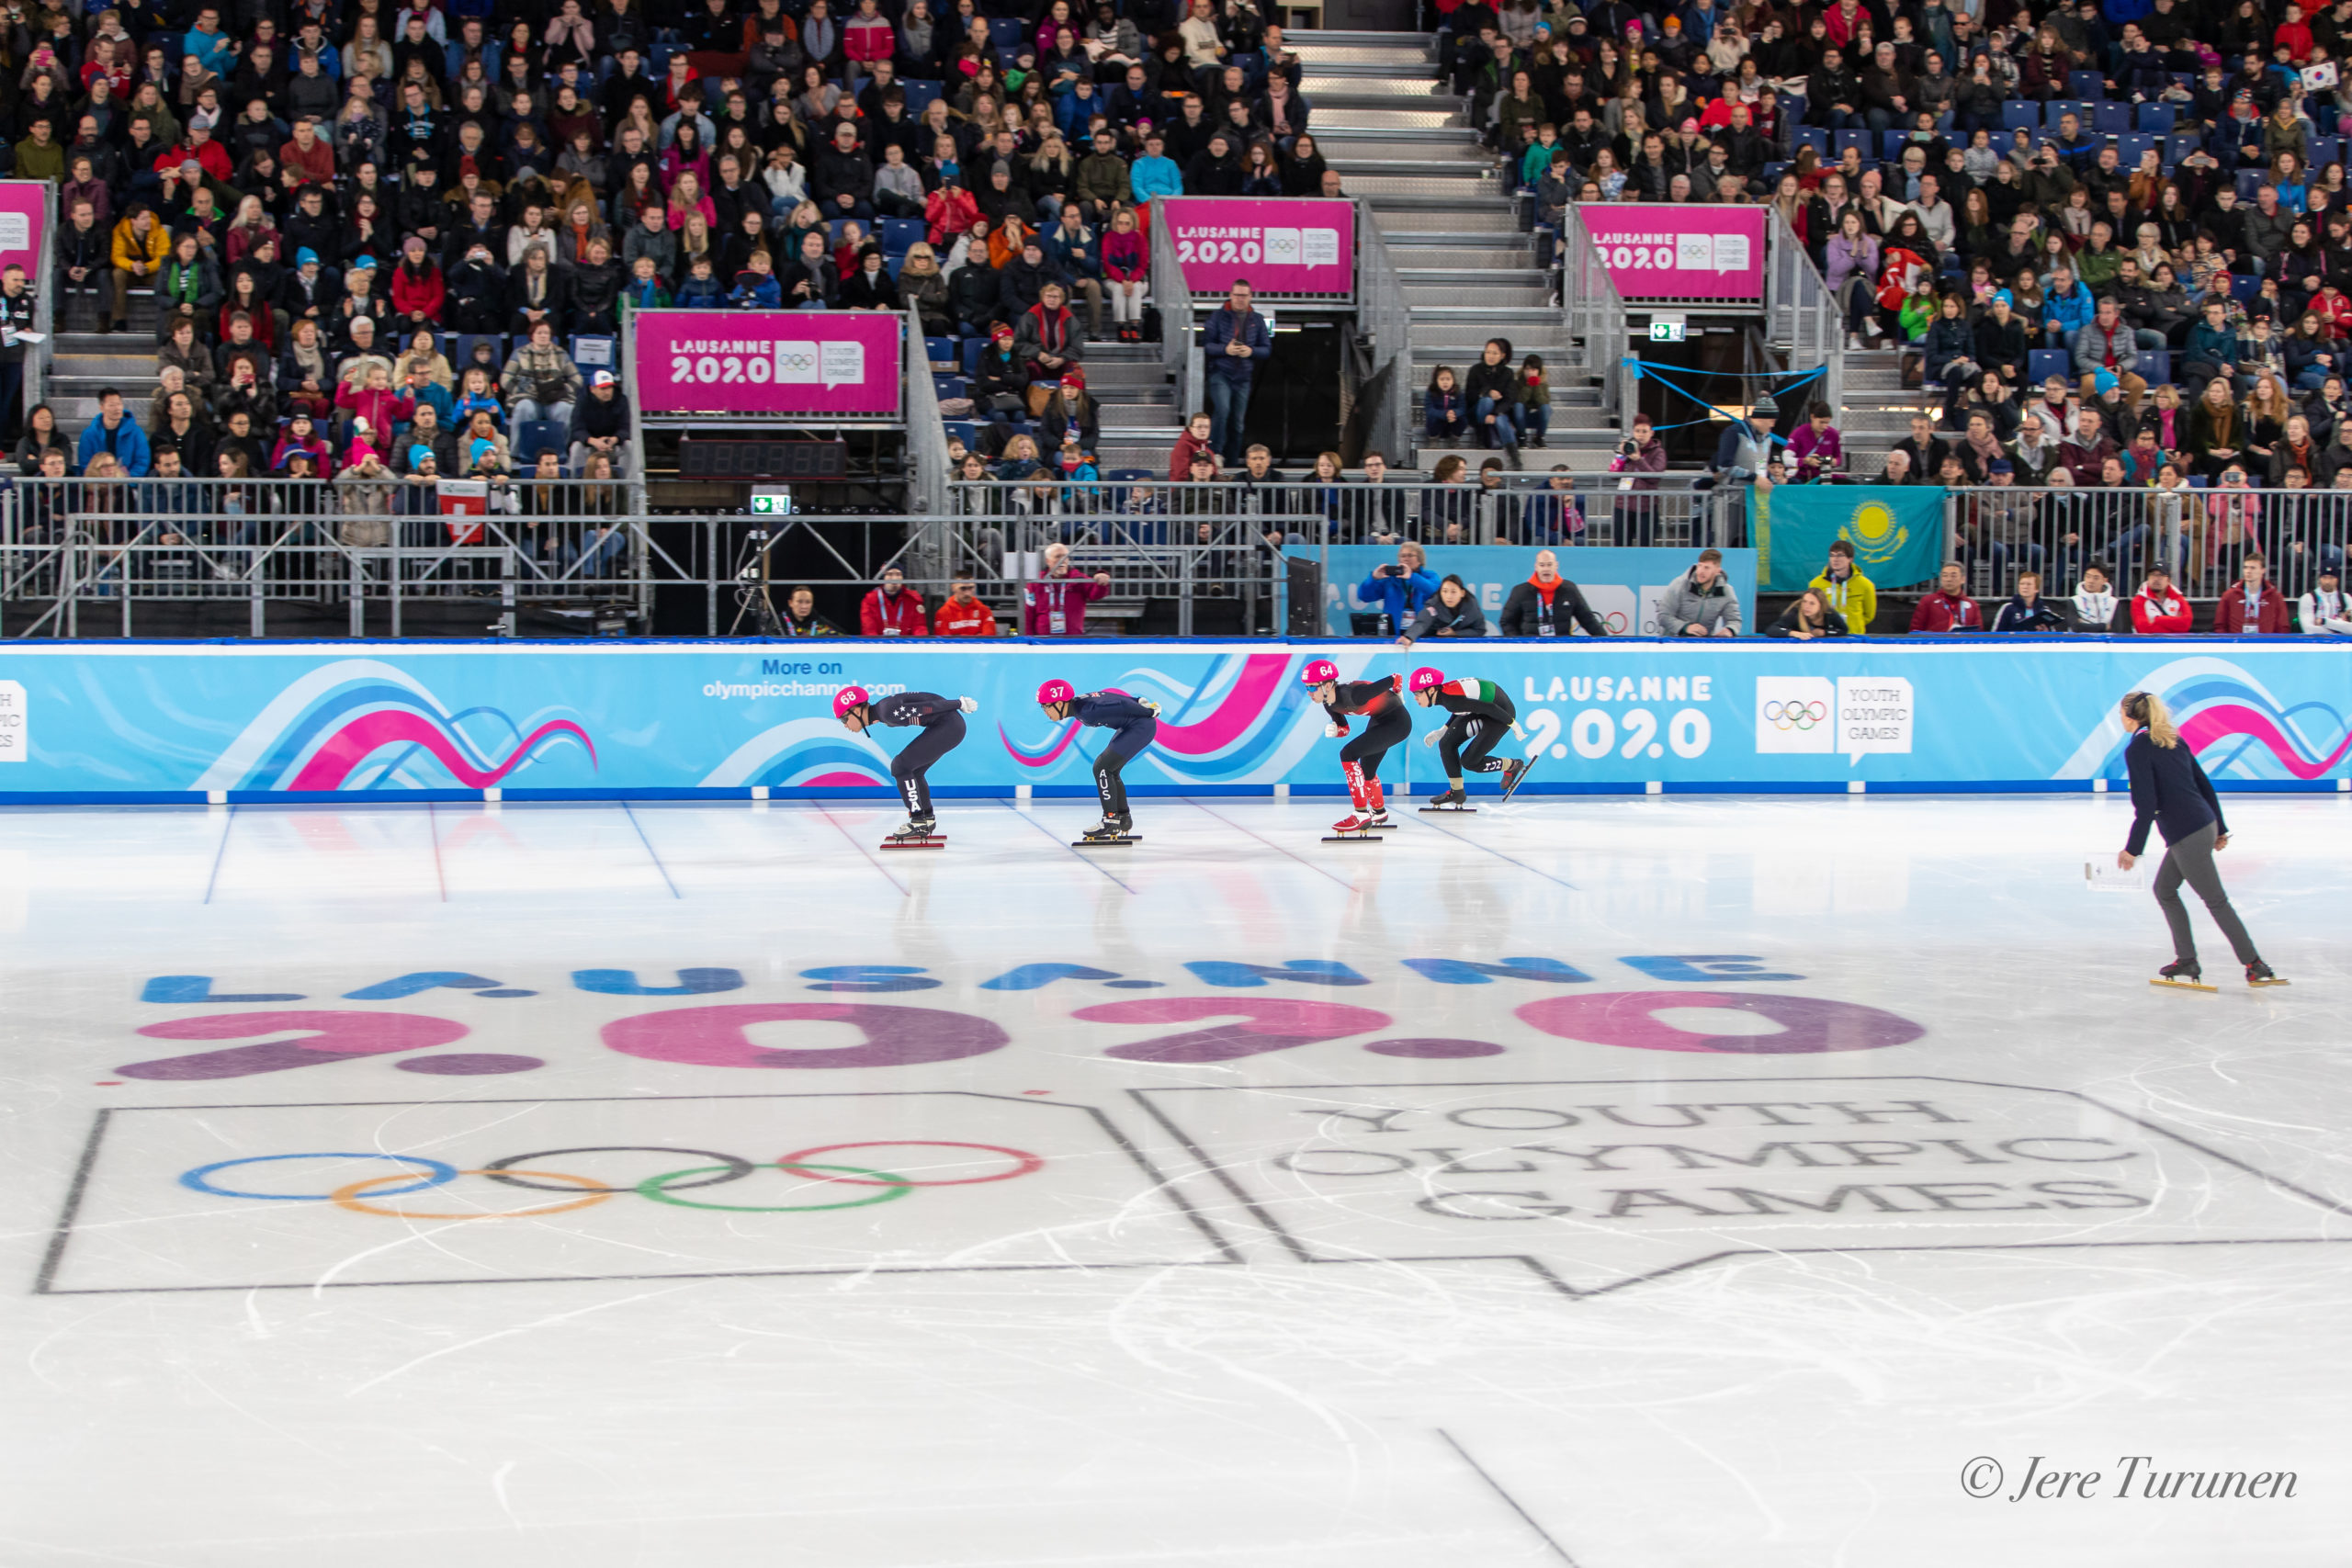 Compétition de Short Track à Malley 2.0 lors des Jeux Olympiques de la Jeunesse 2020 à Lausanne